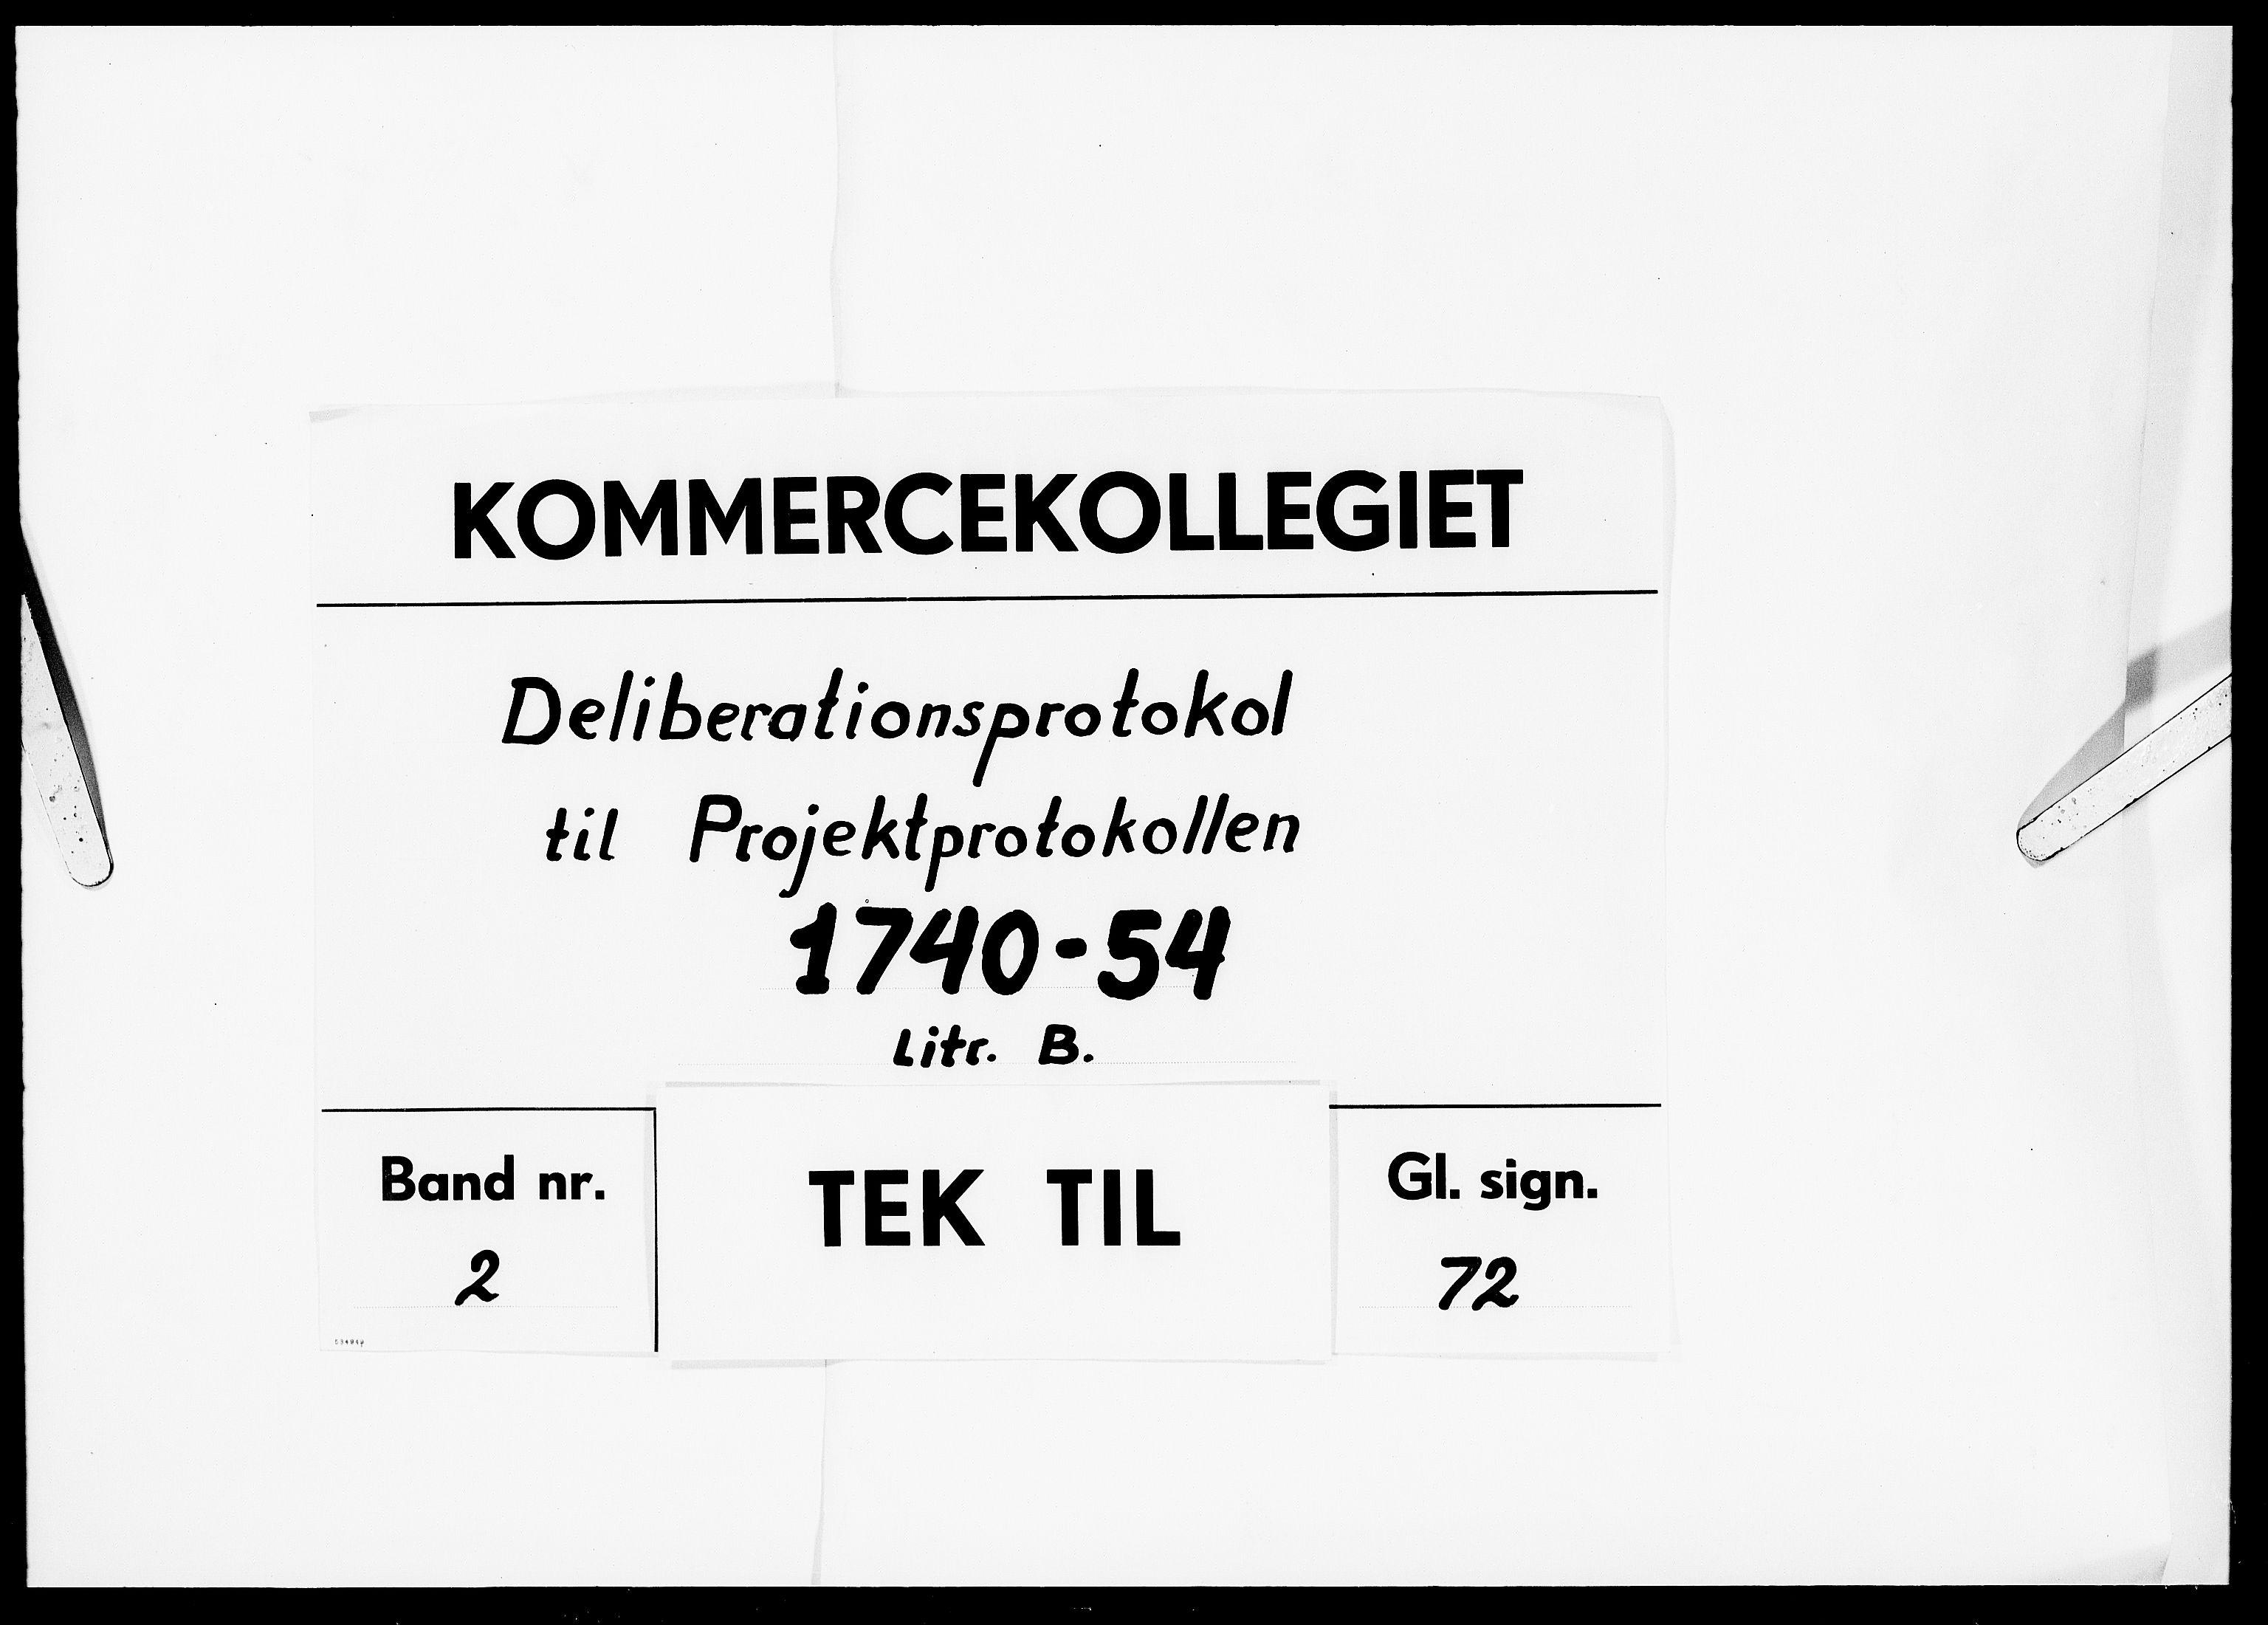 DRA, Kommercekollegiet, Dansk-Norske Sekretariat, -/40: Deliberationsprotokol til Projektprotokollen B, 1740-1754